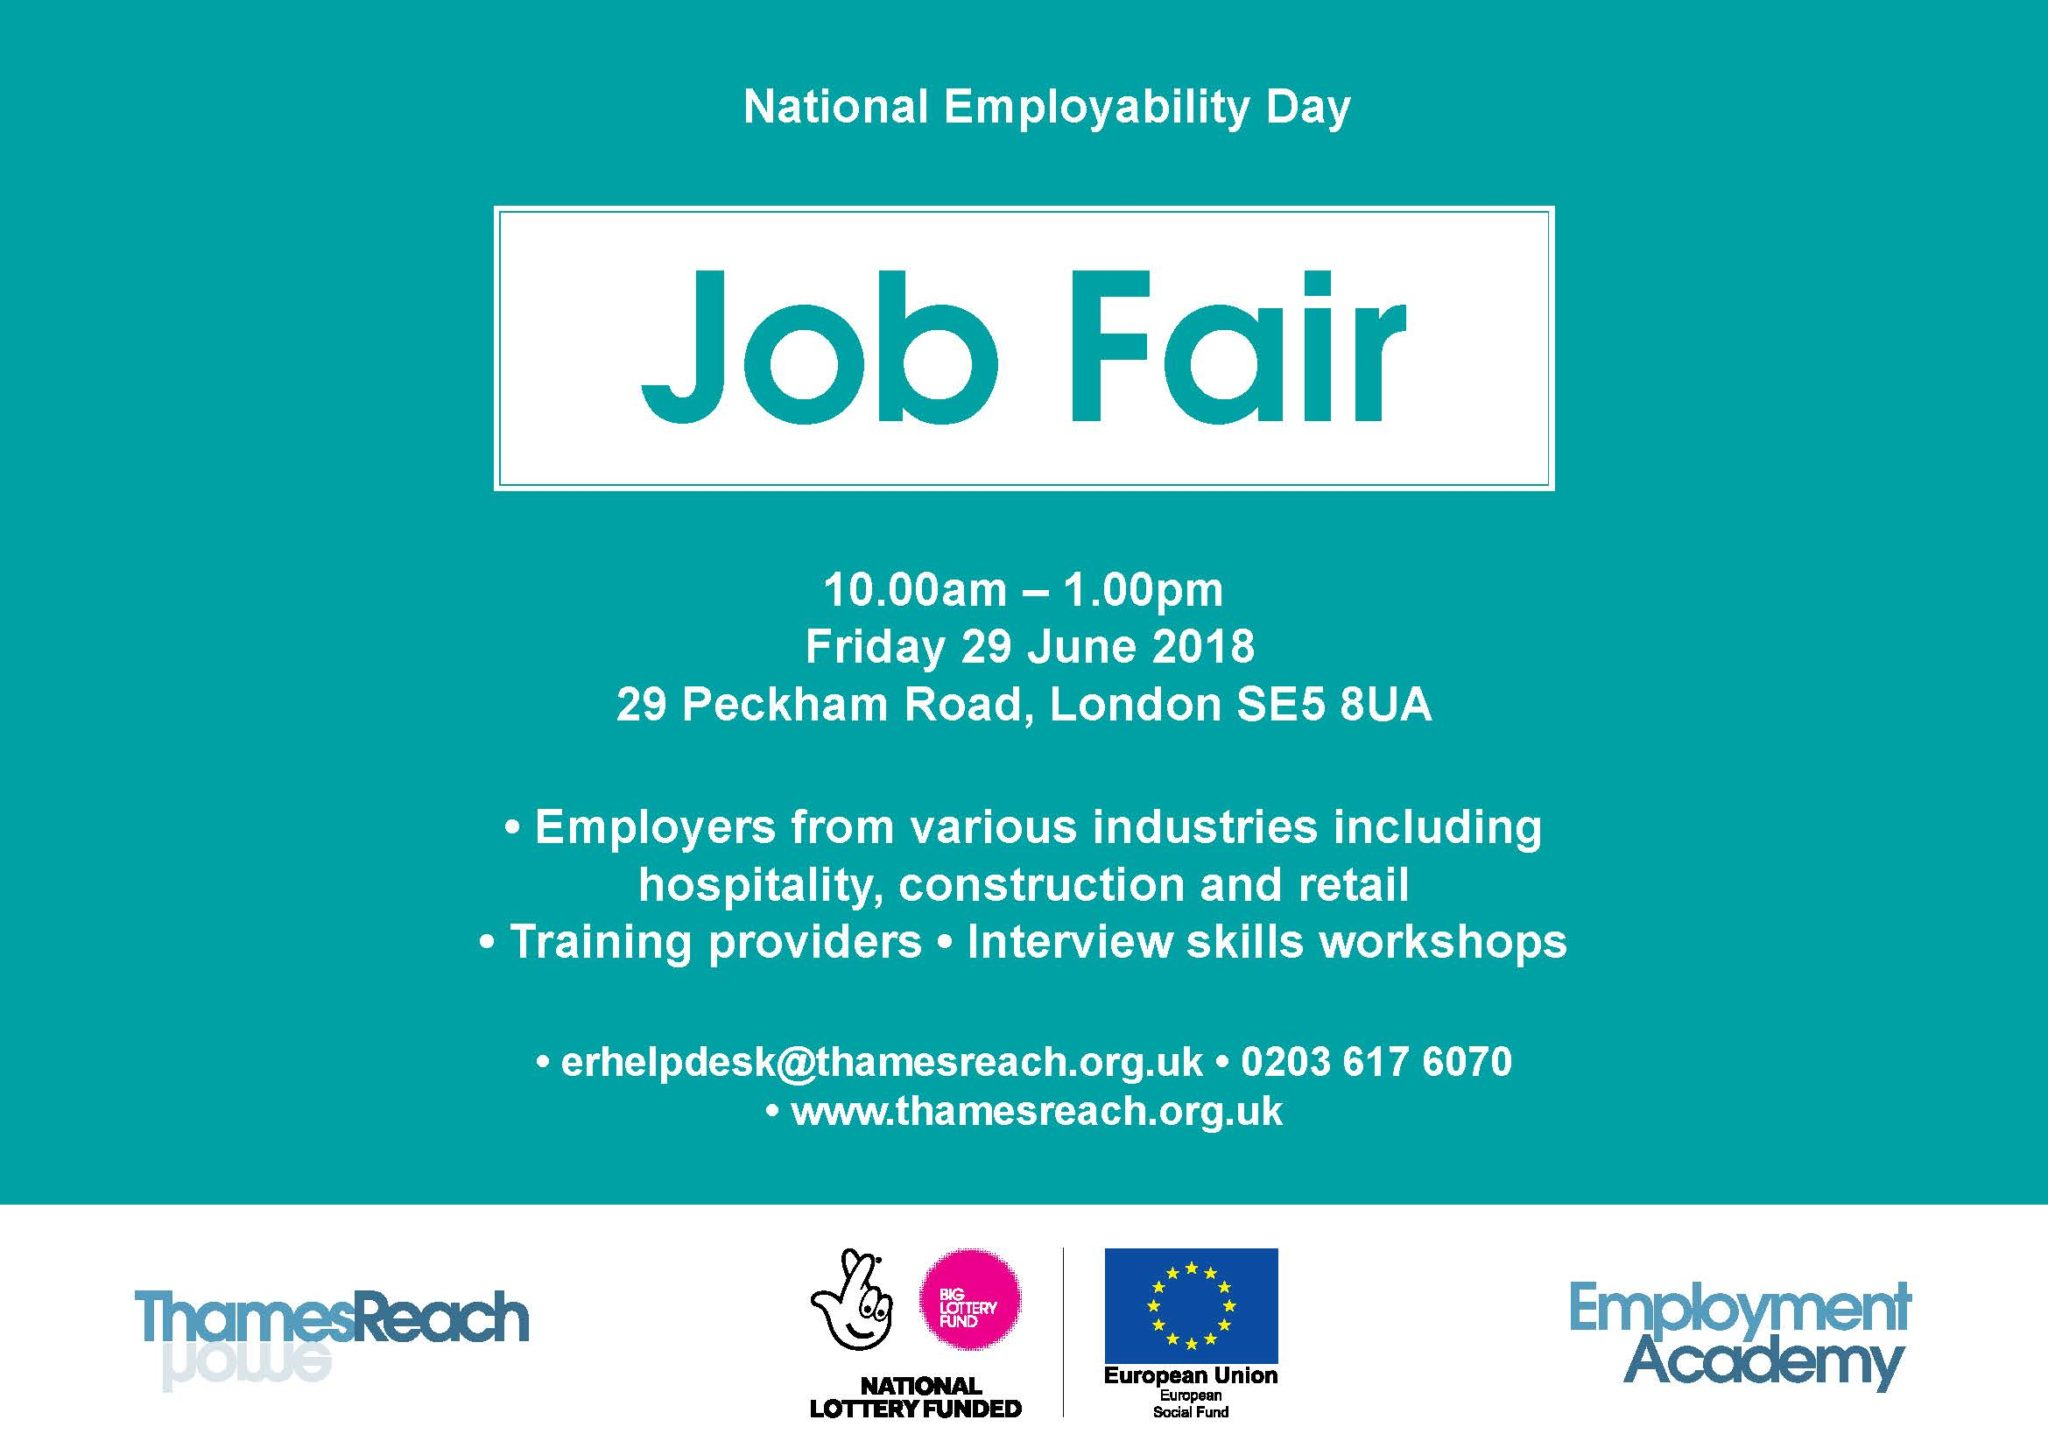 Job fair offers chance to meet employers